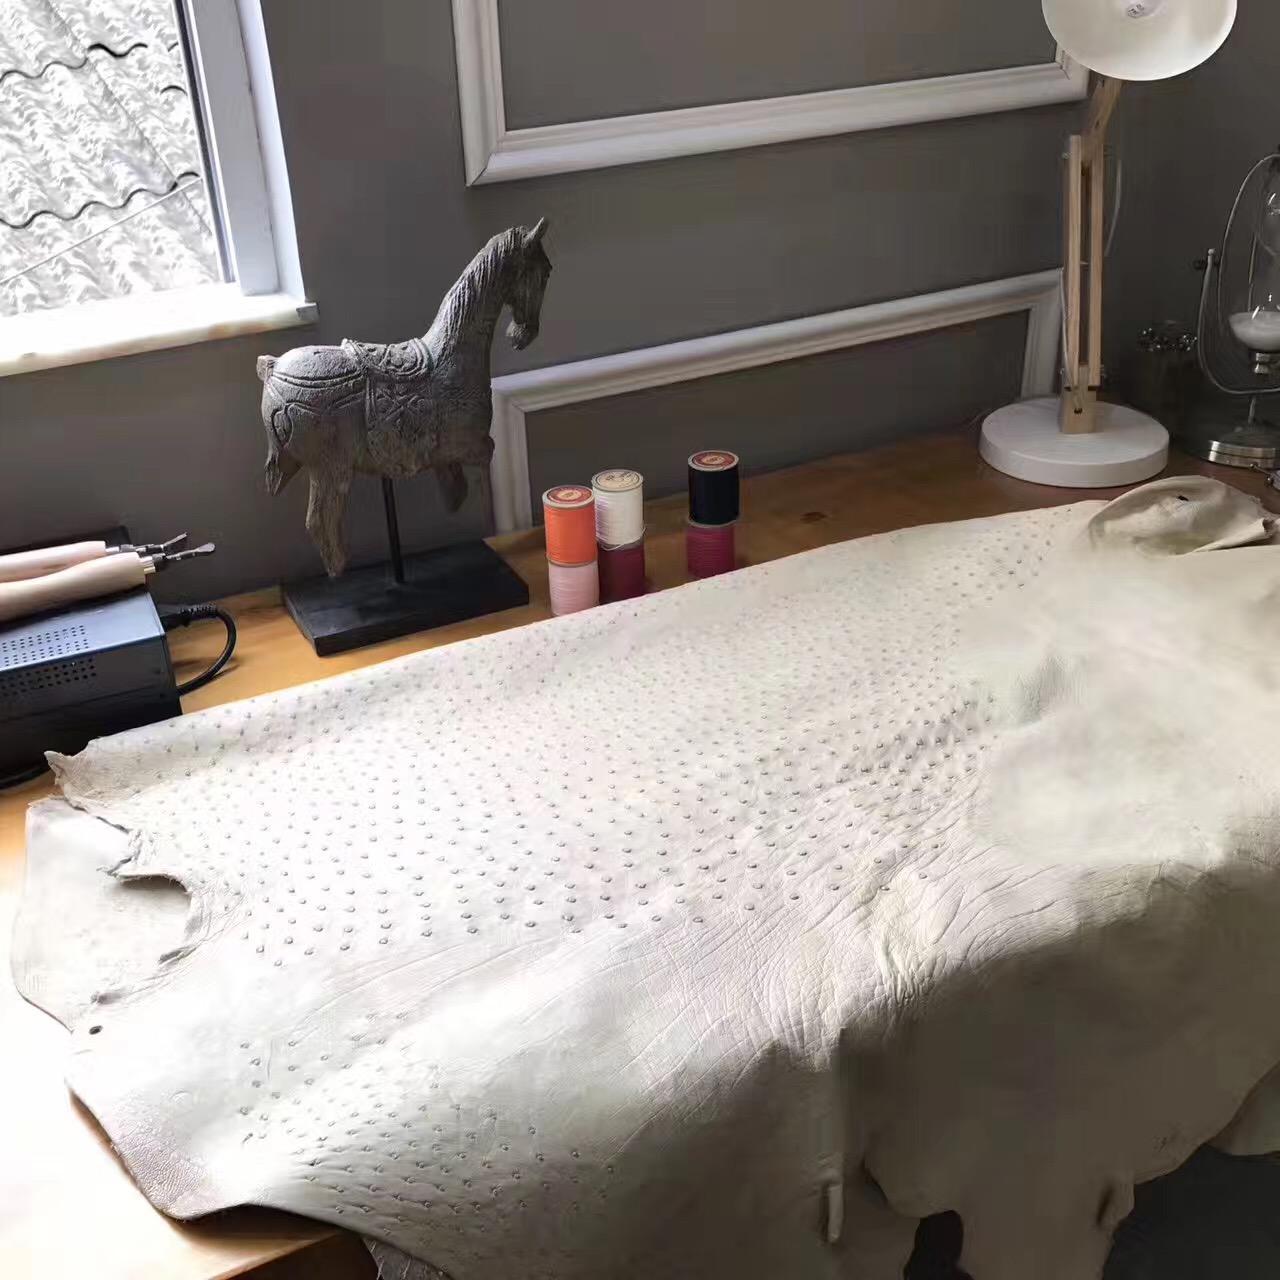 鴕鳥皮屬世界上名貴的優質皮革之壹 愛馬仕 CK10 Craie綿羊白鴕鳥皮